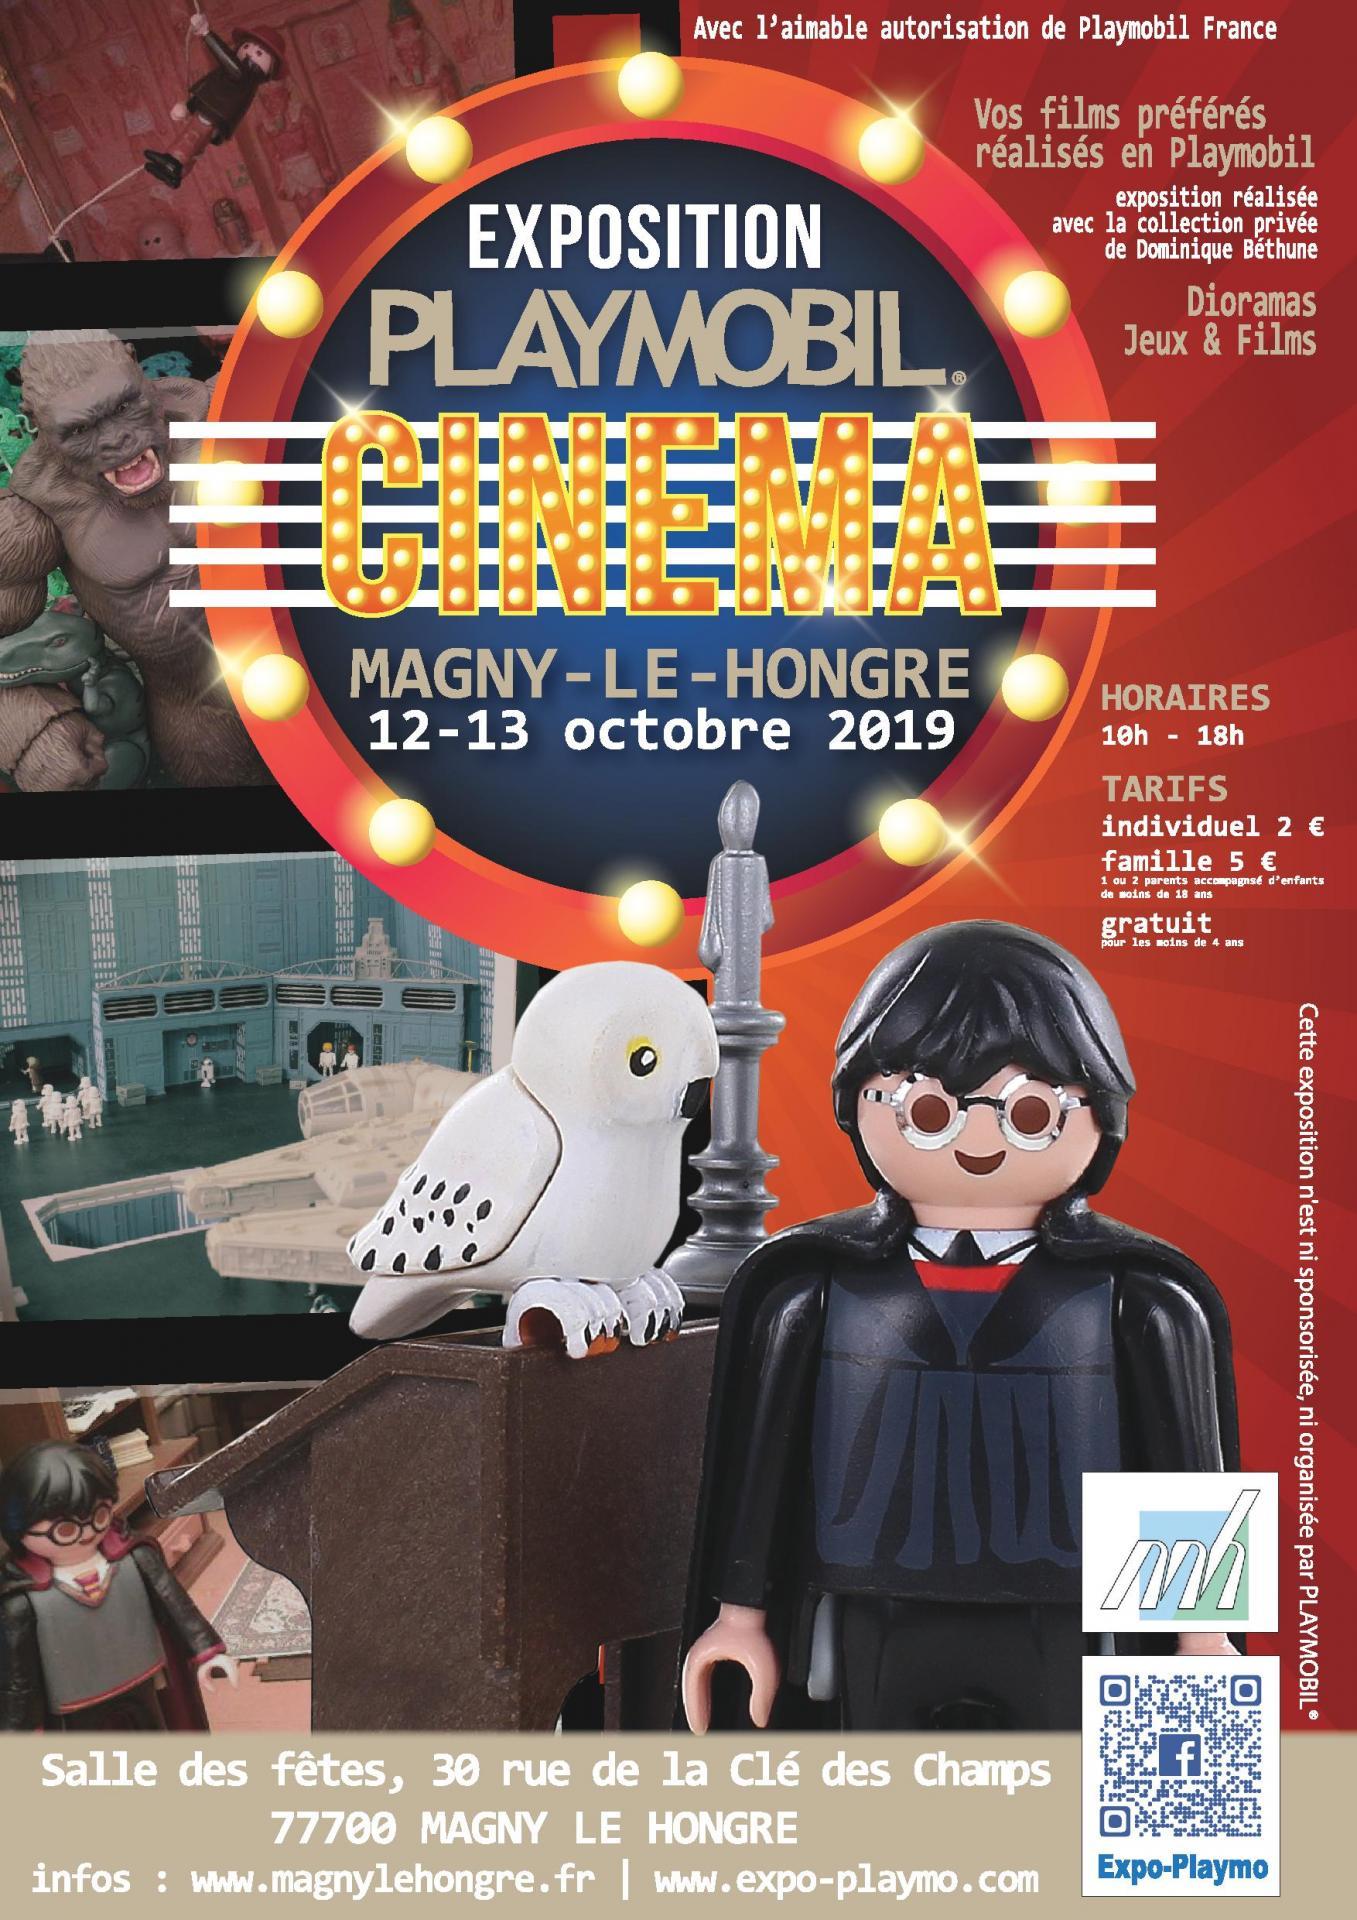 Affiche exposition playmobil magny le hongre 2019 dominique bethune collectionneur